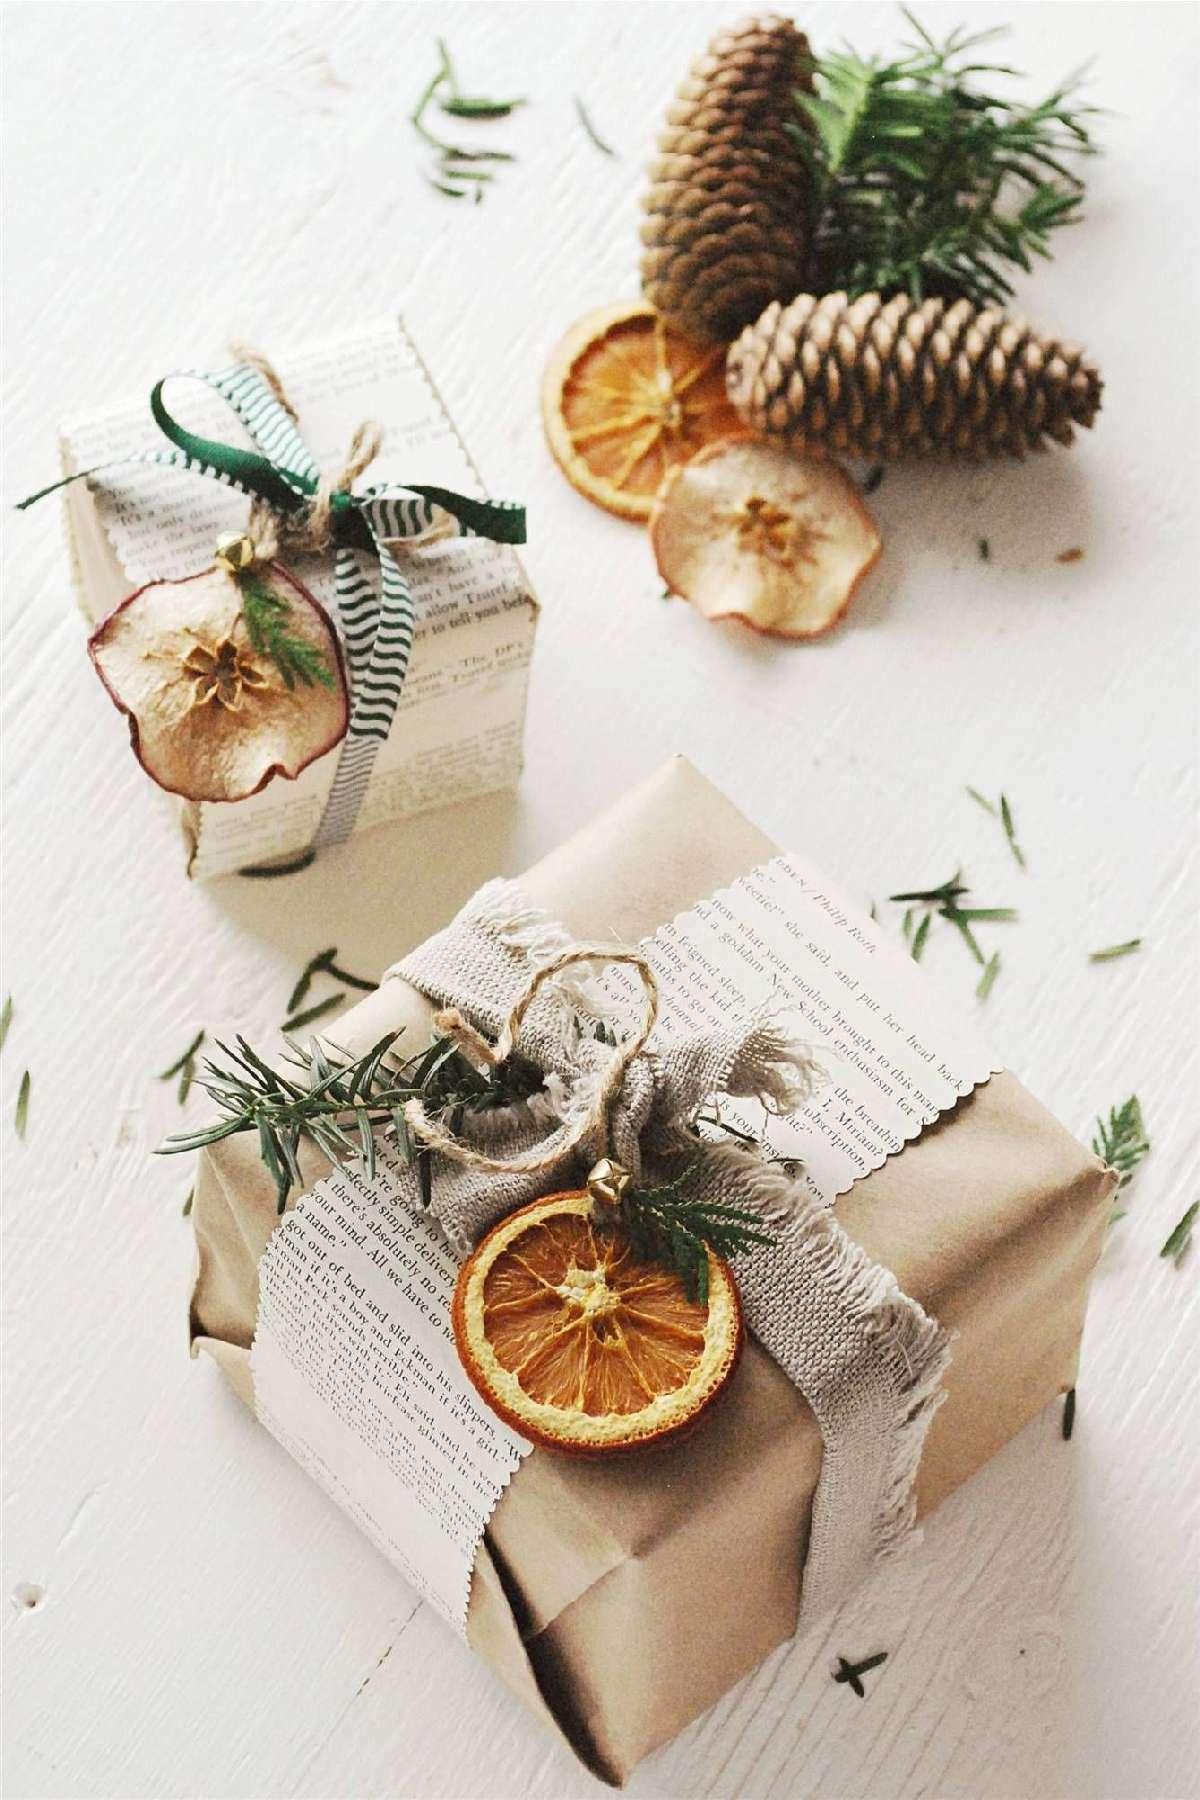 Originales ideas para decorar y envolver los regalos navideños 9